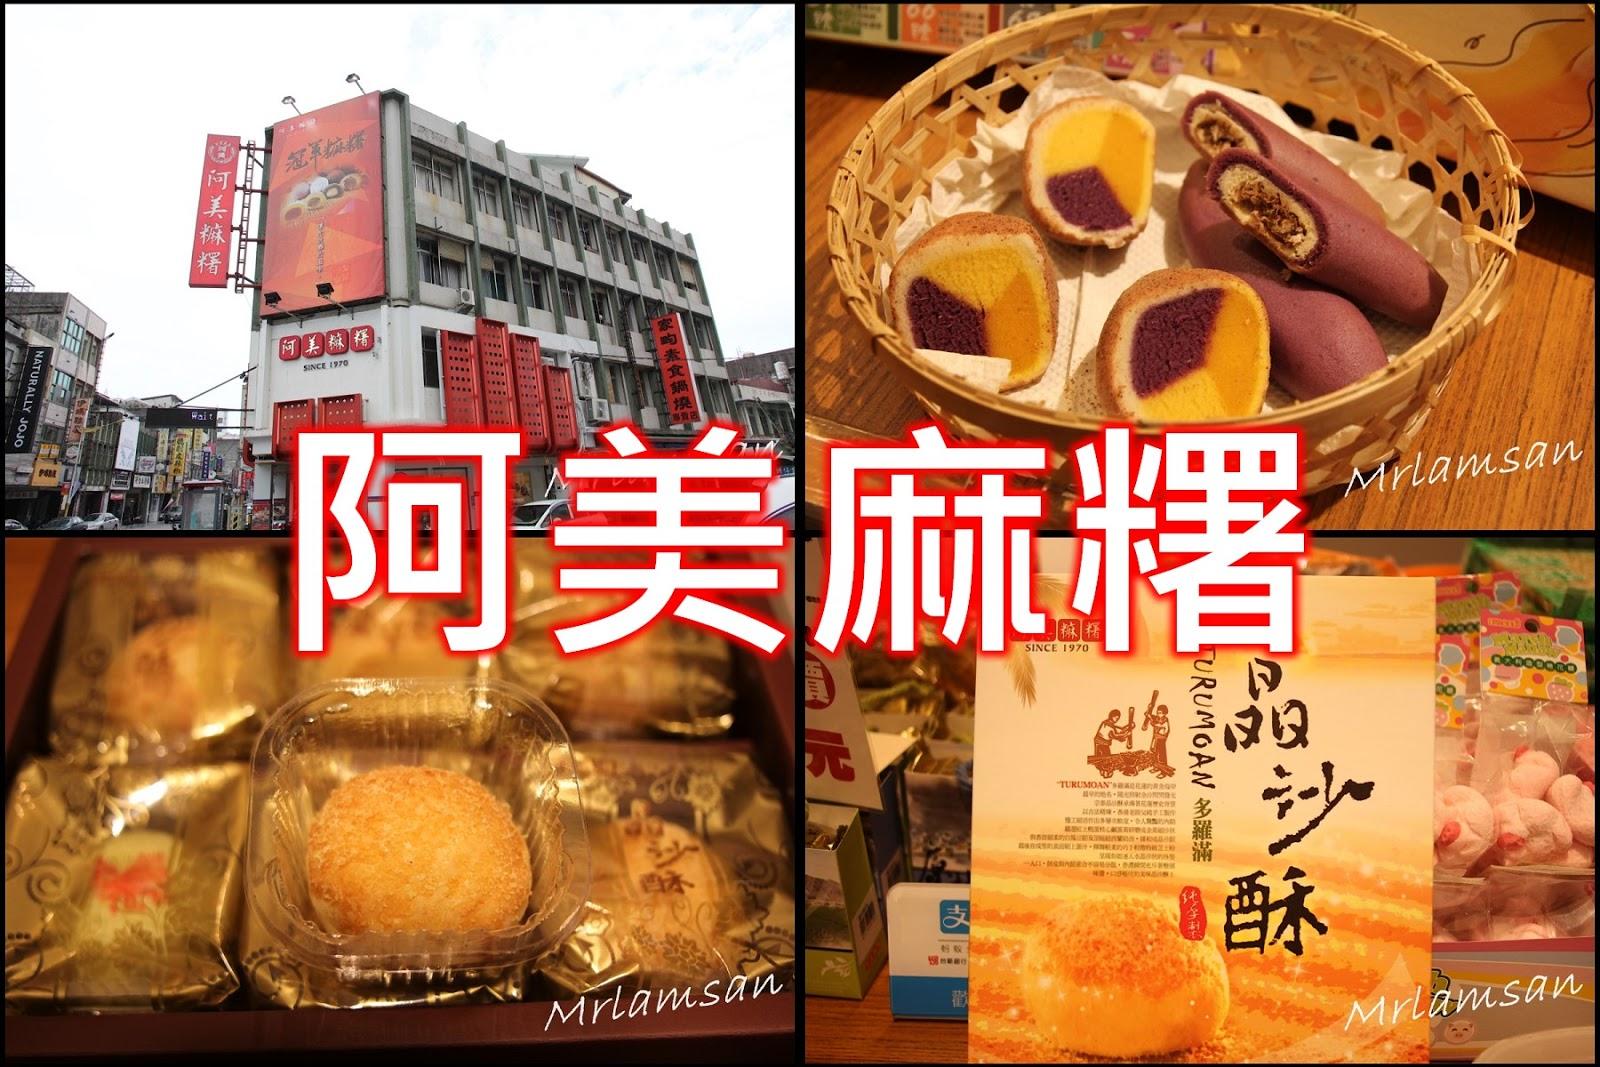 林公子生活遊記: 獲獎無數的 花蓮 名產 手信 美食 阿美麻糬 小米麻糬 故鄉